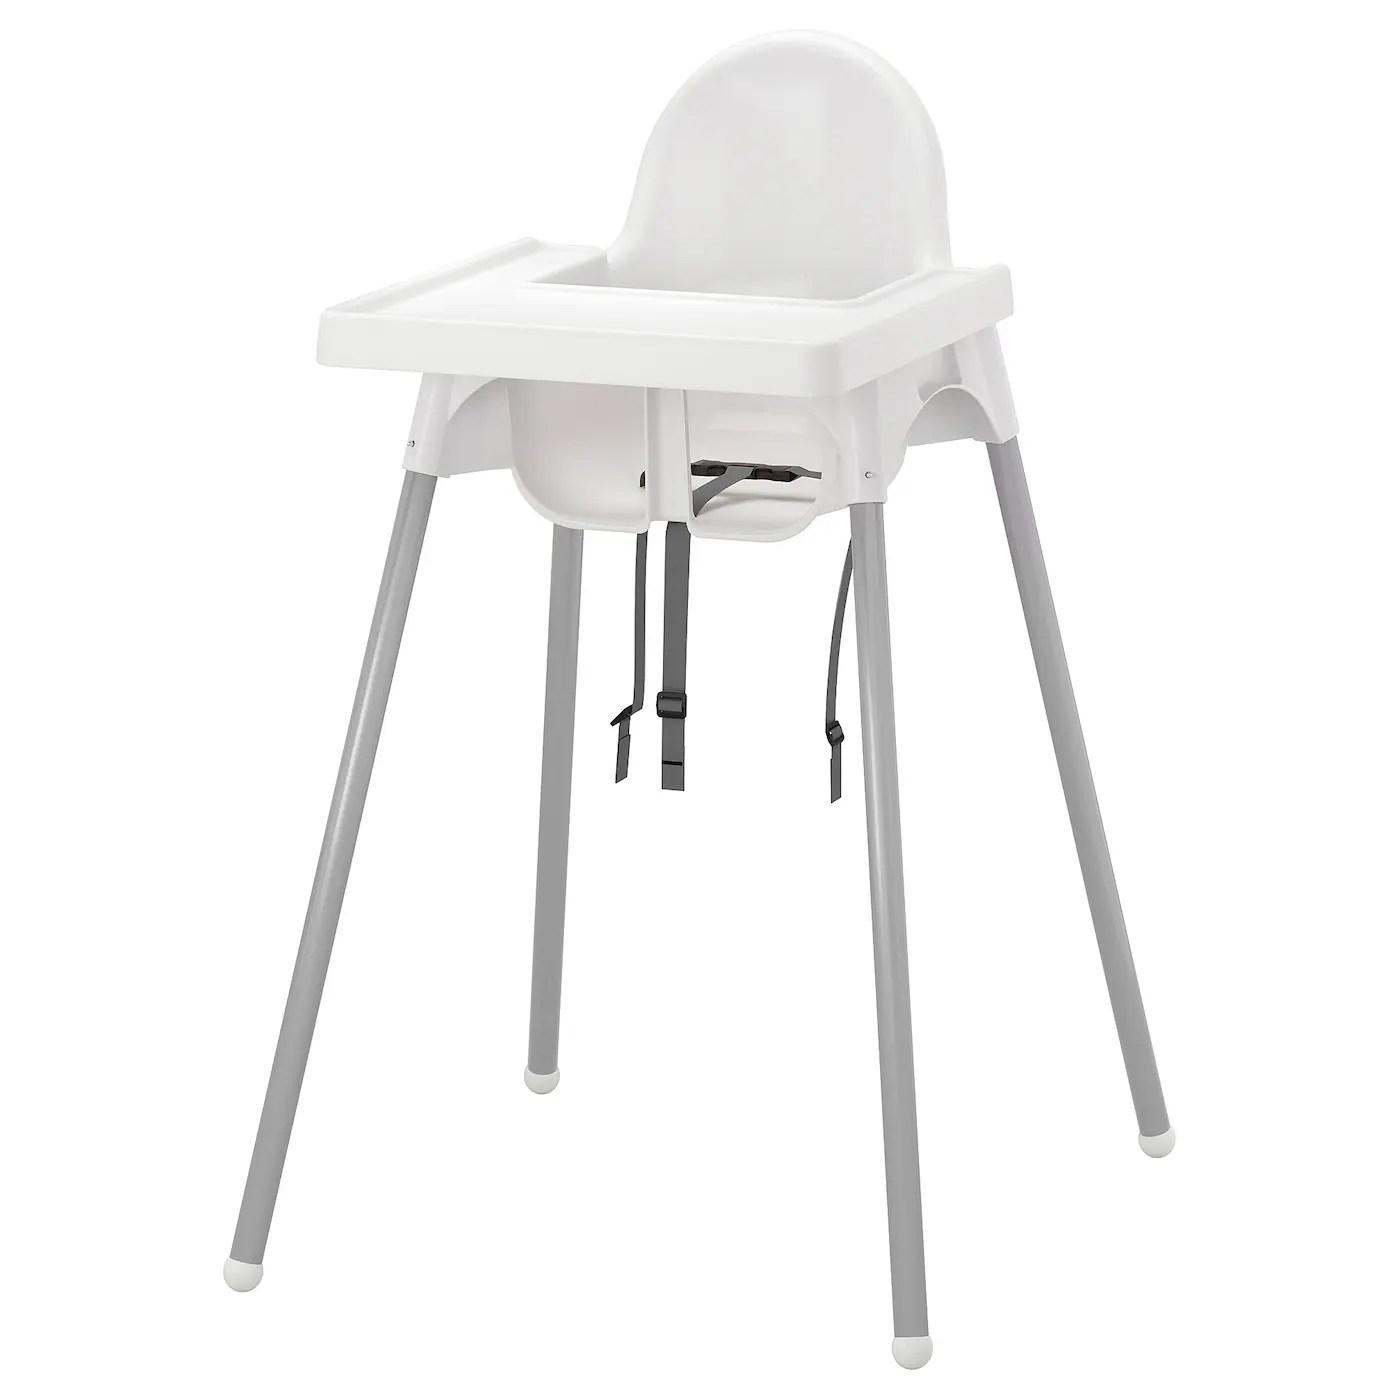 antilop structure chaise haute tablette blanc couleur argent